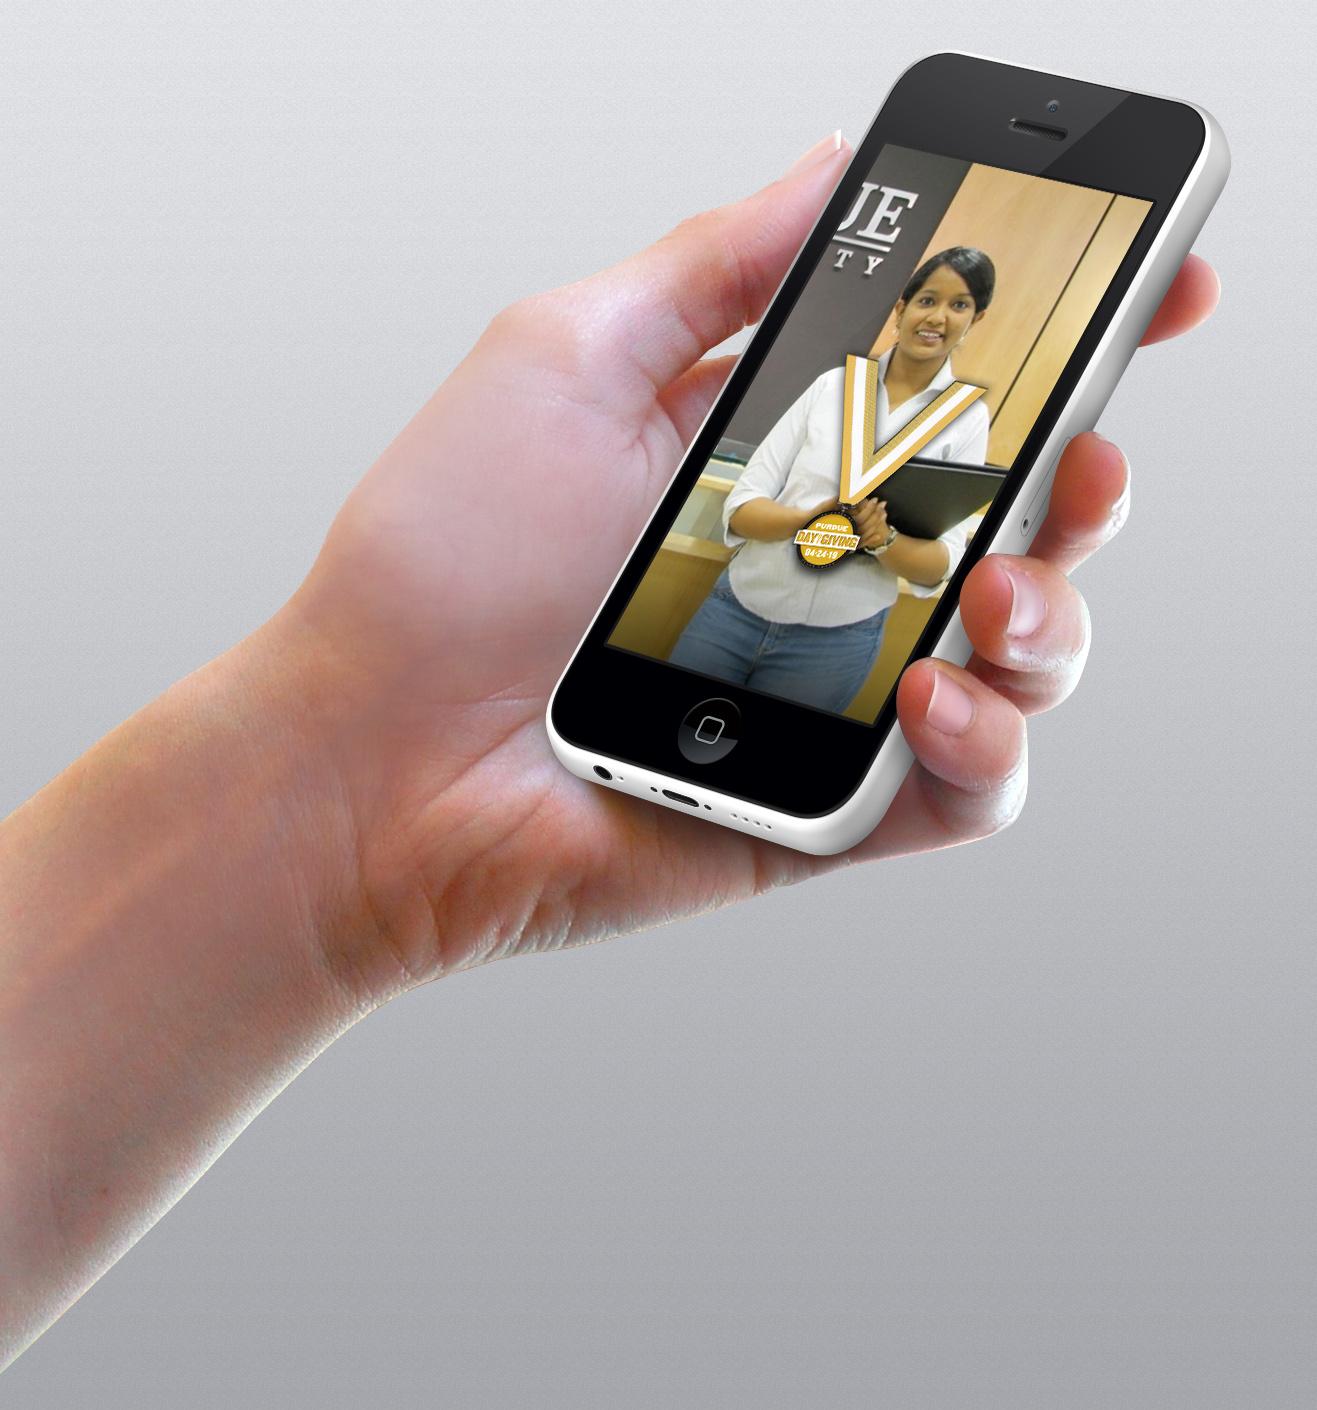 snapchat_phone_mockup_pdog2019.jpg